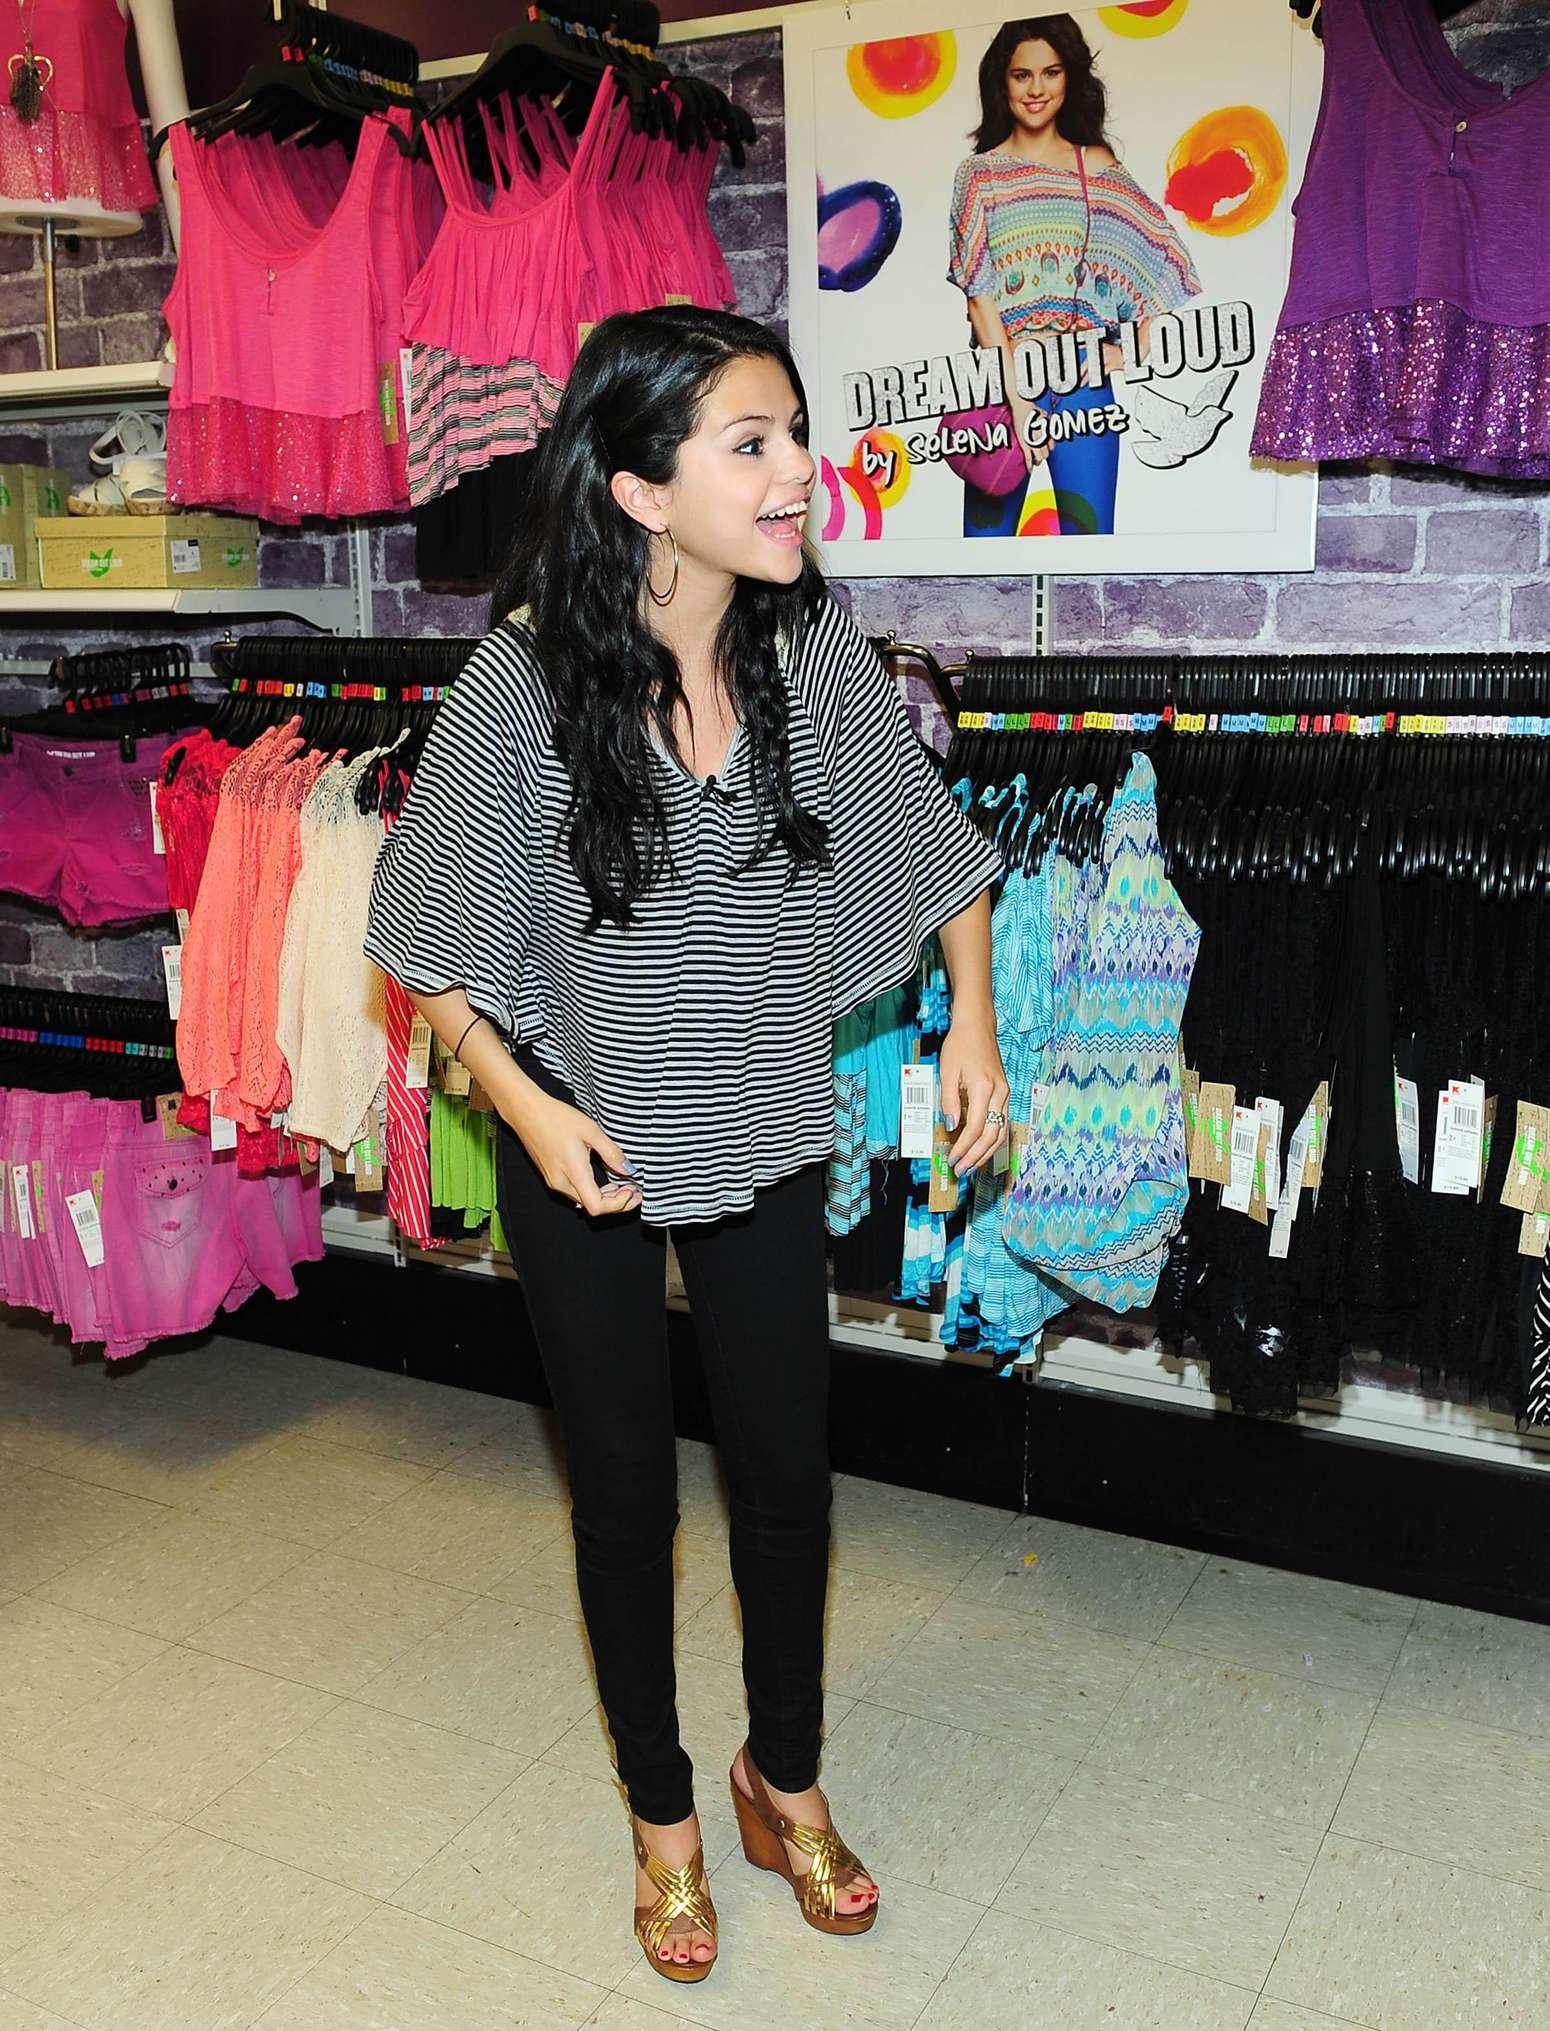 Selena Gomez Dream Out Loud Clothes Line 01 Gotceleb